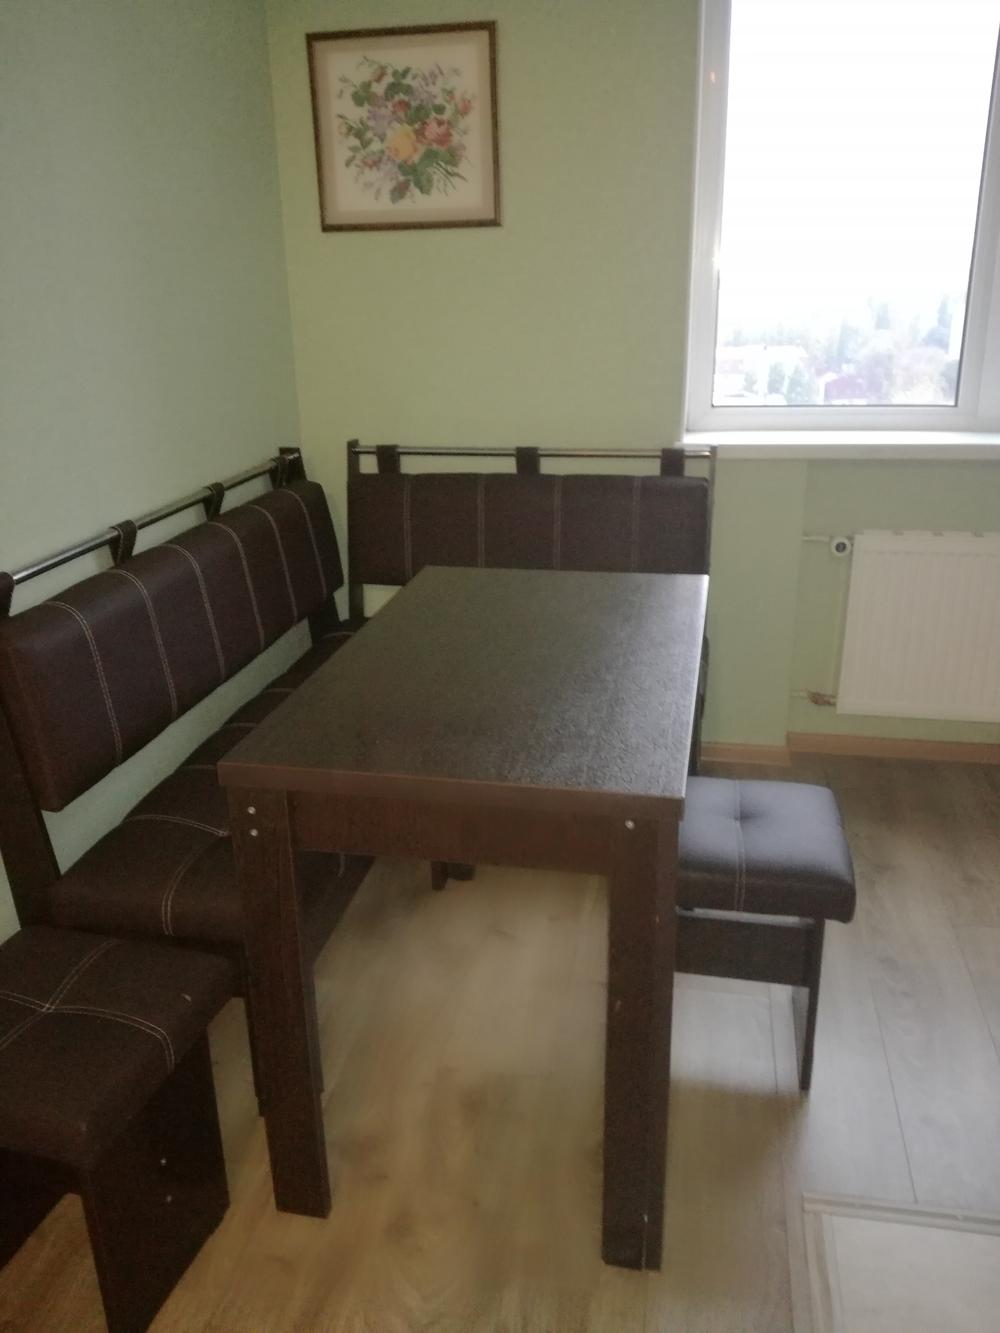 Продам 1-комнатную квартиру в городе Саратов, на улице Шелковичная, 1, 17-этаж 19-этажного Монолит дома, площадь: 43/38/13 м2